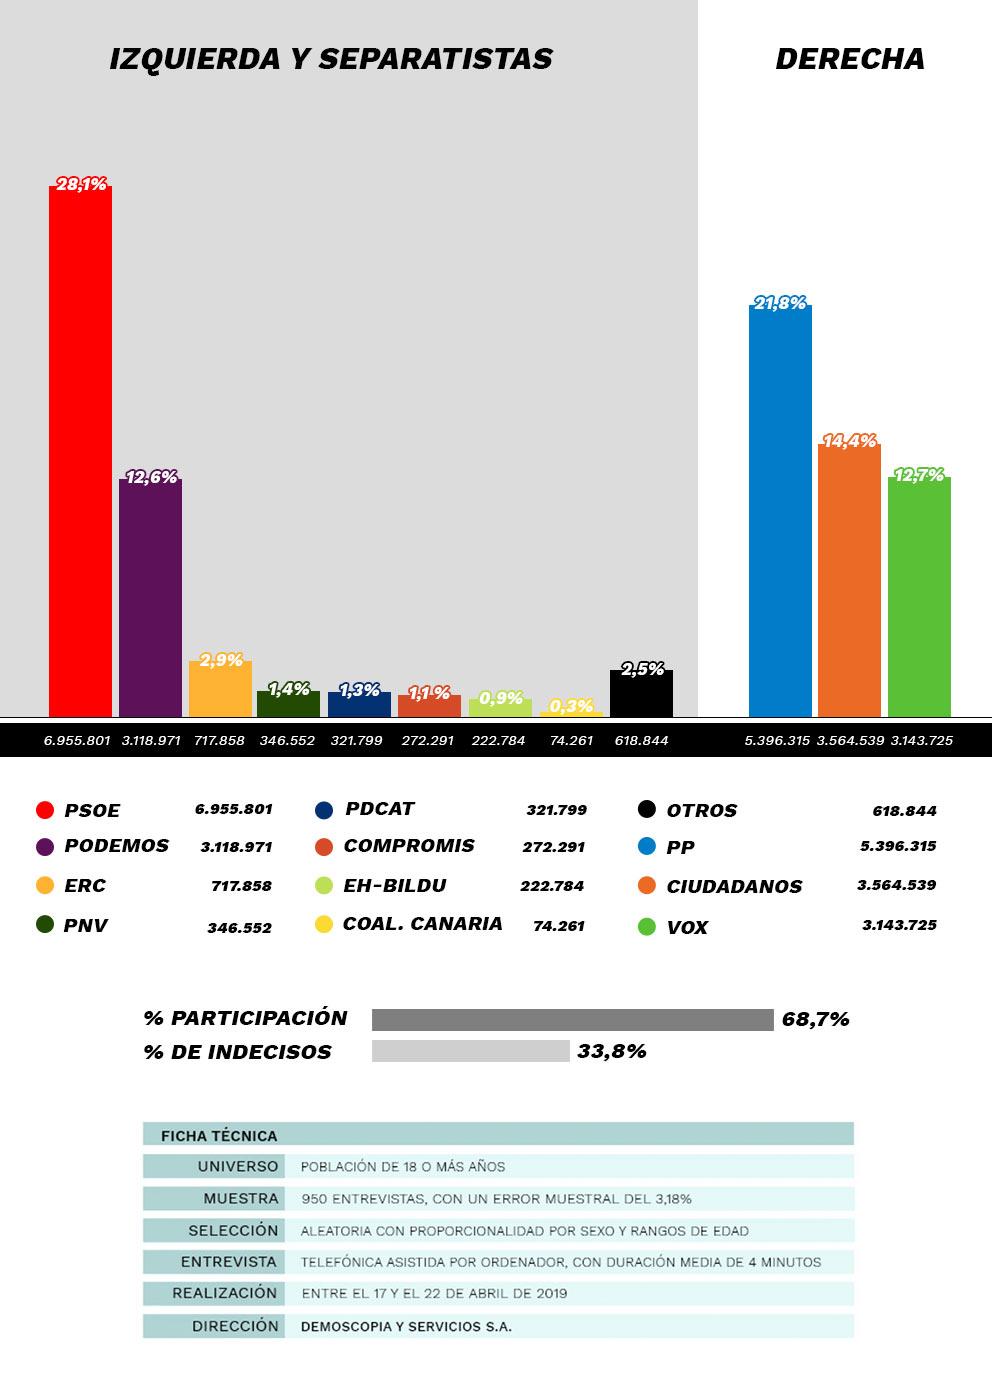 ULTIMÍSIMA ENCUESTA | La derecha repunta pero aún está a 5 escaños de gobernar a 6 días de las elecciones